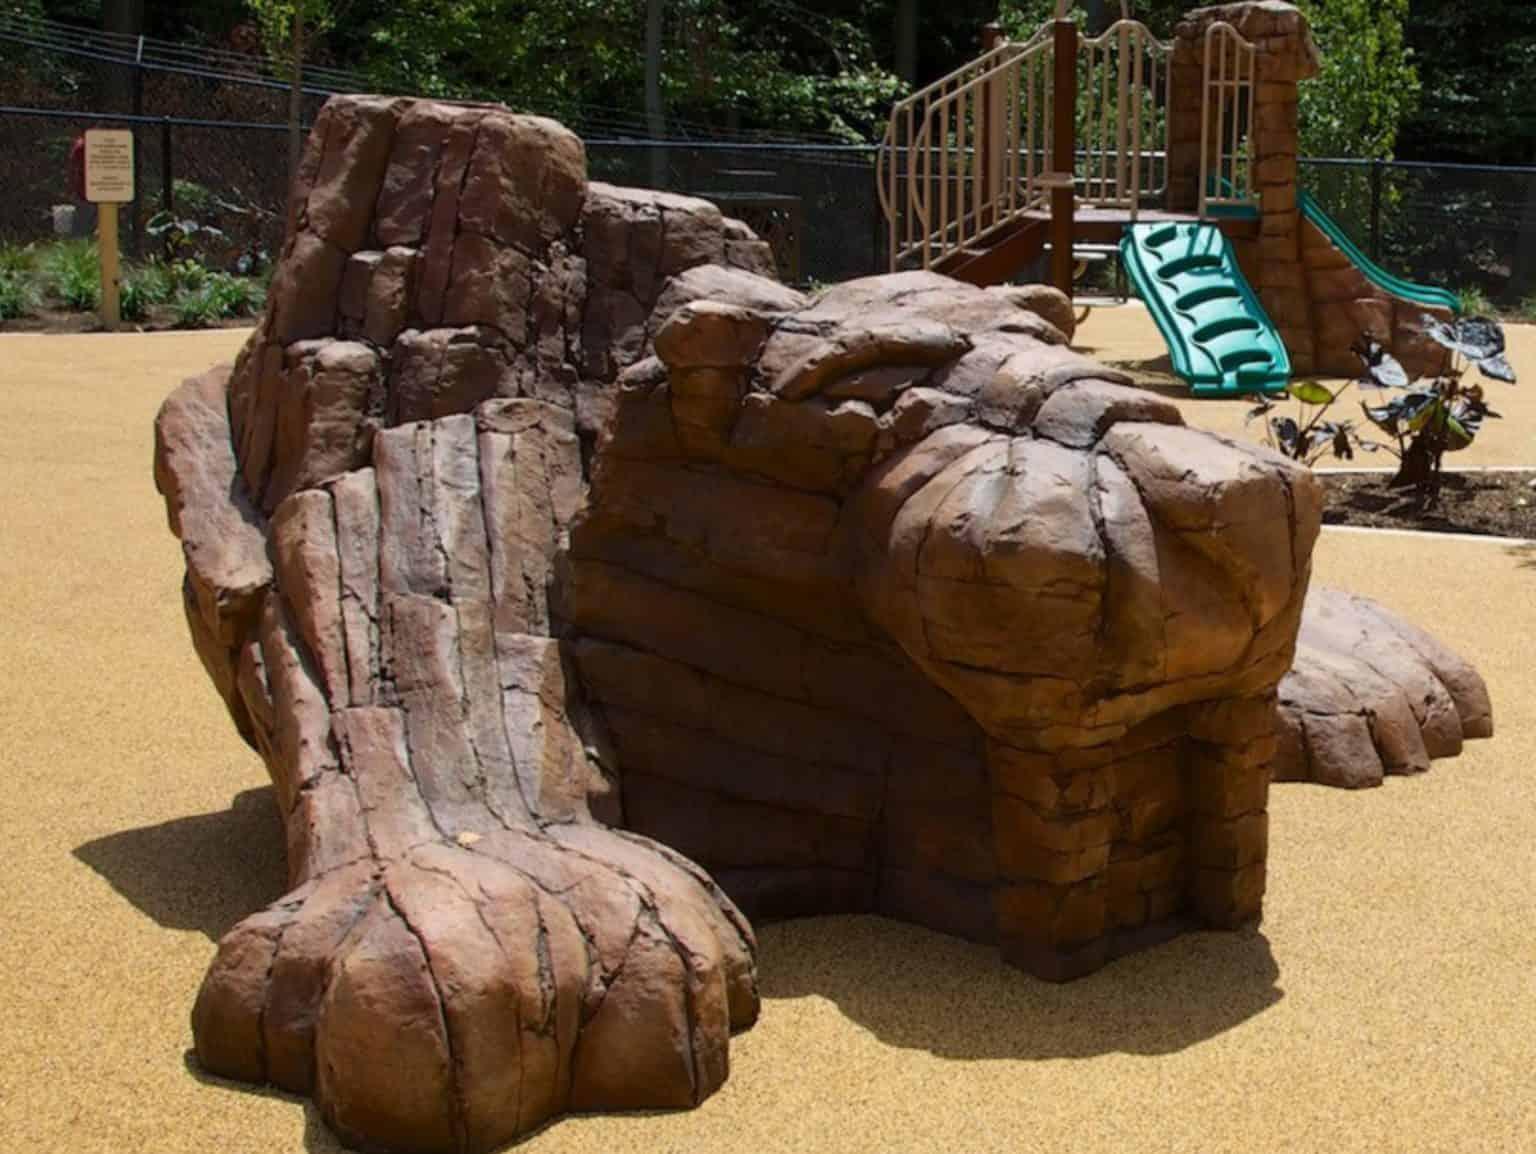 turtle-back-zoo-playground-west-orange-nj_11519271663_o-1536x1154